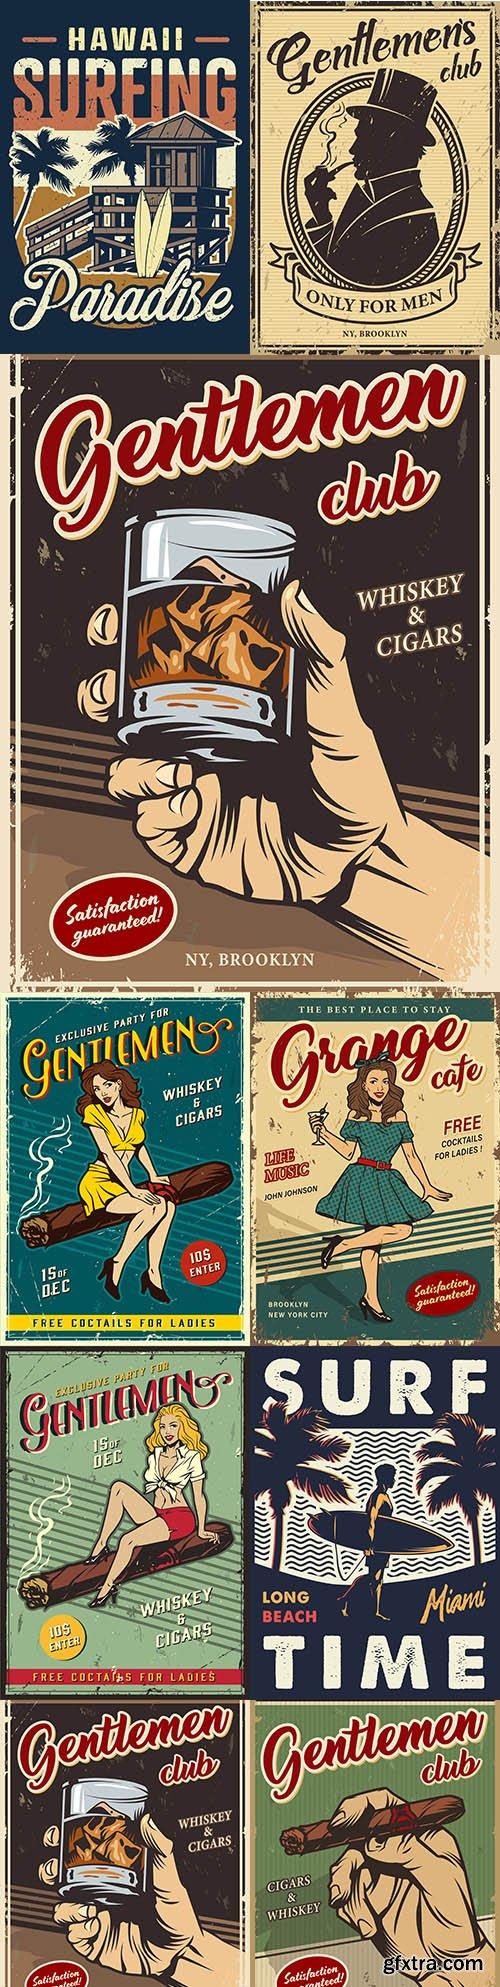 Vintage gentleman club advertising template